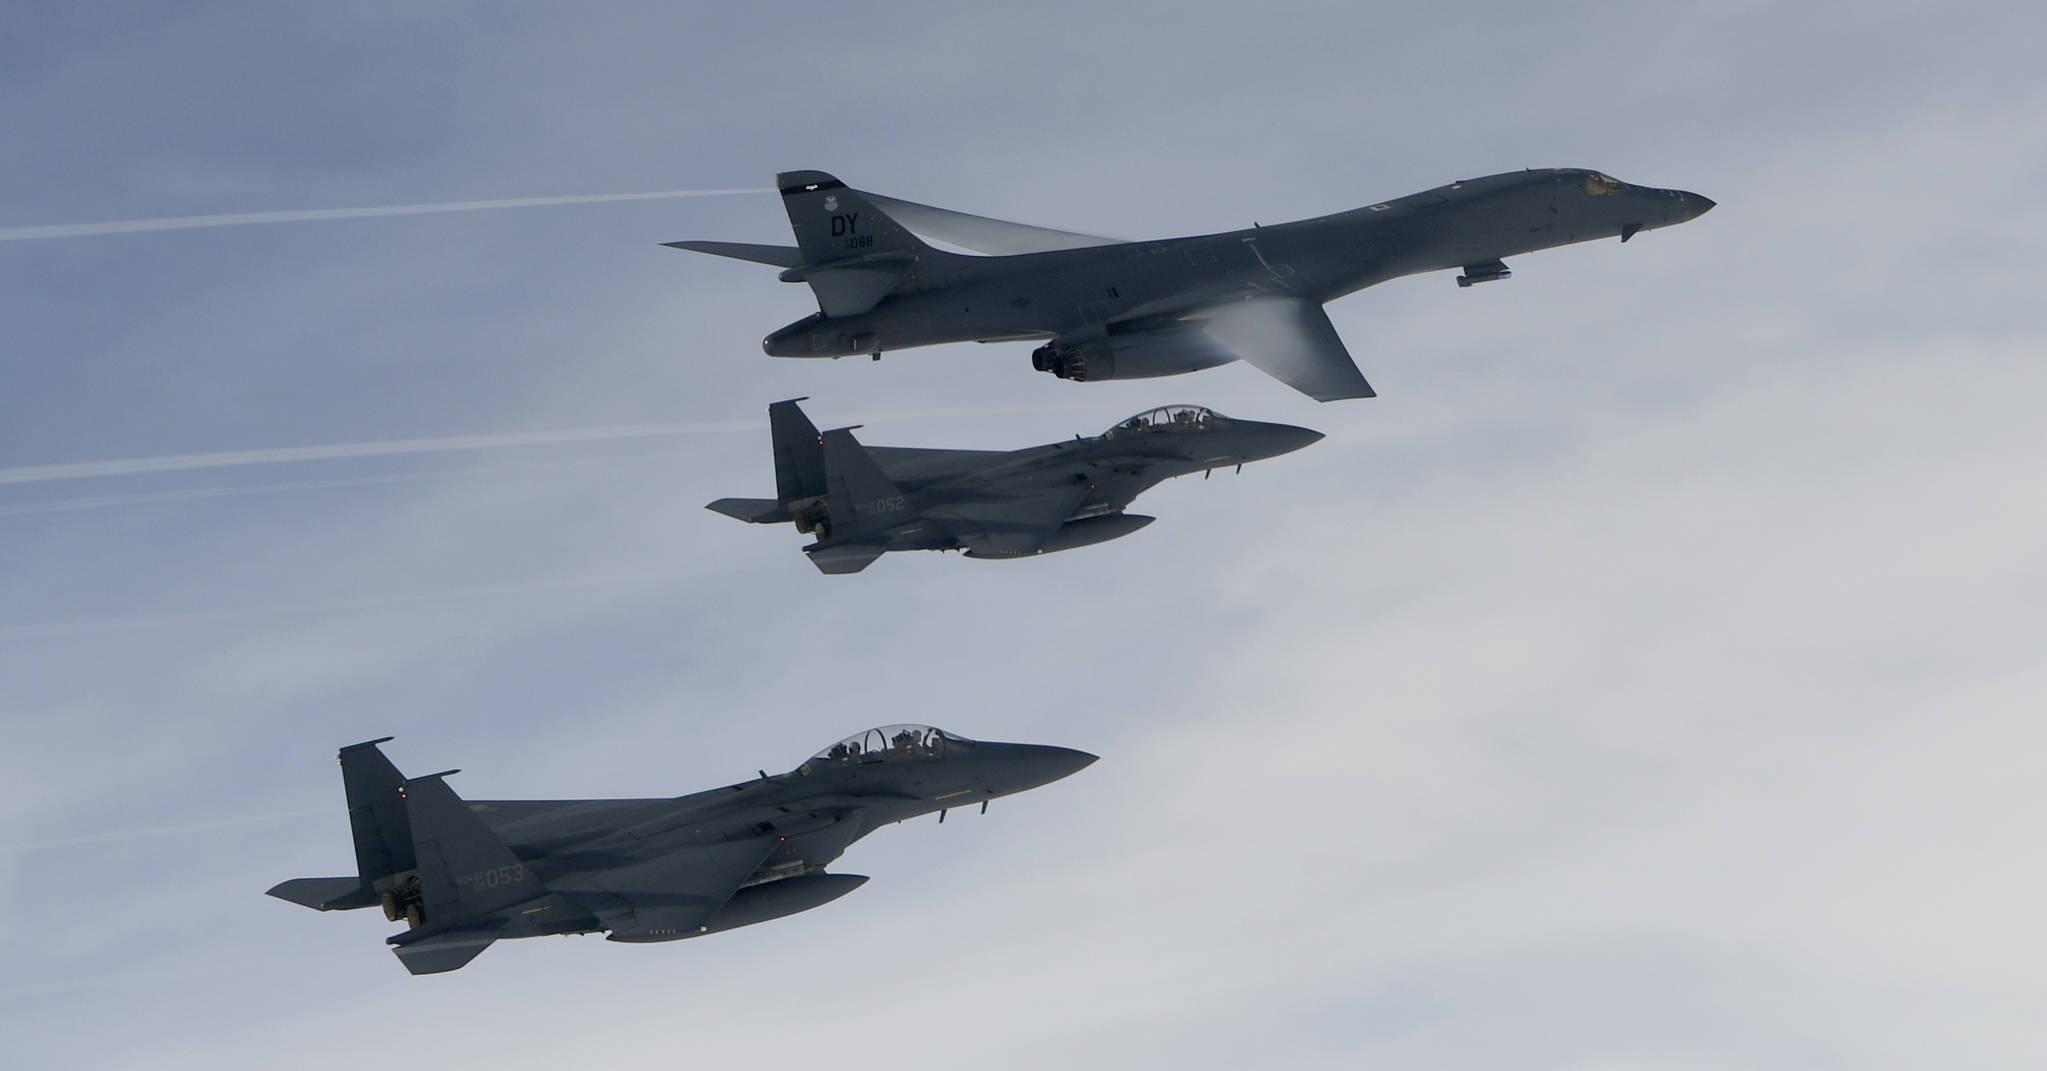 지난 7월 괌을 출격한 B-1B 랜서(별칭 죽음의 백조) 전략폭격기가 한국 공군의 F-15K 전투기와 주한 미 공군의 F-16 전투기 등과 폭격 훈련을 실시했다.[사진=공군]